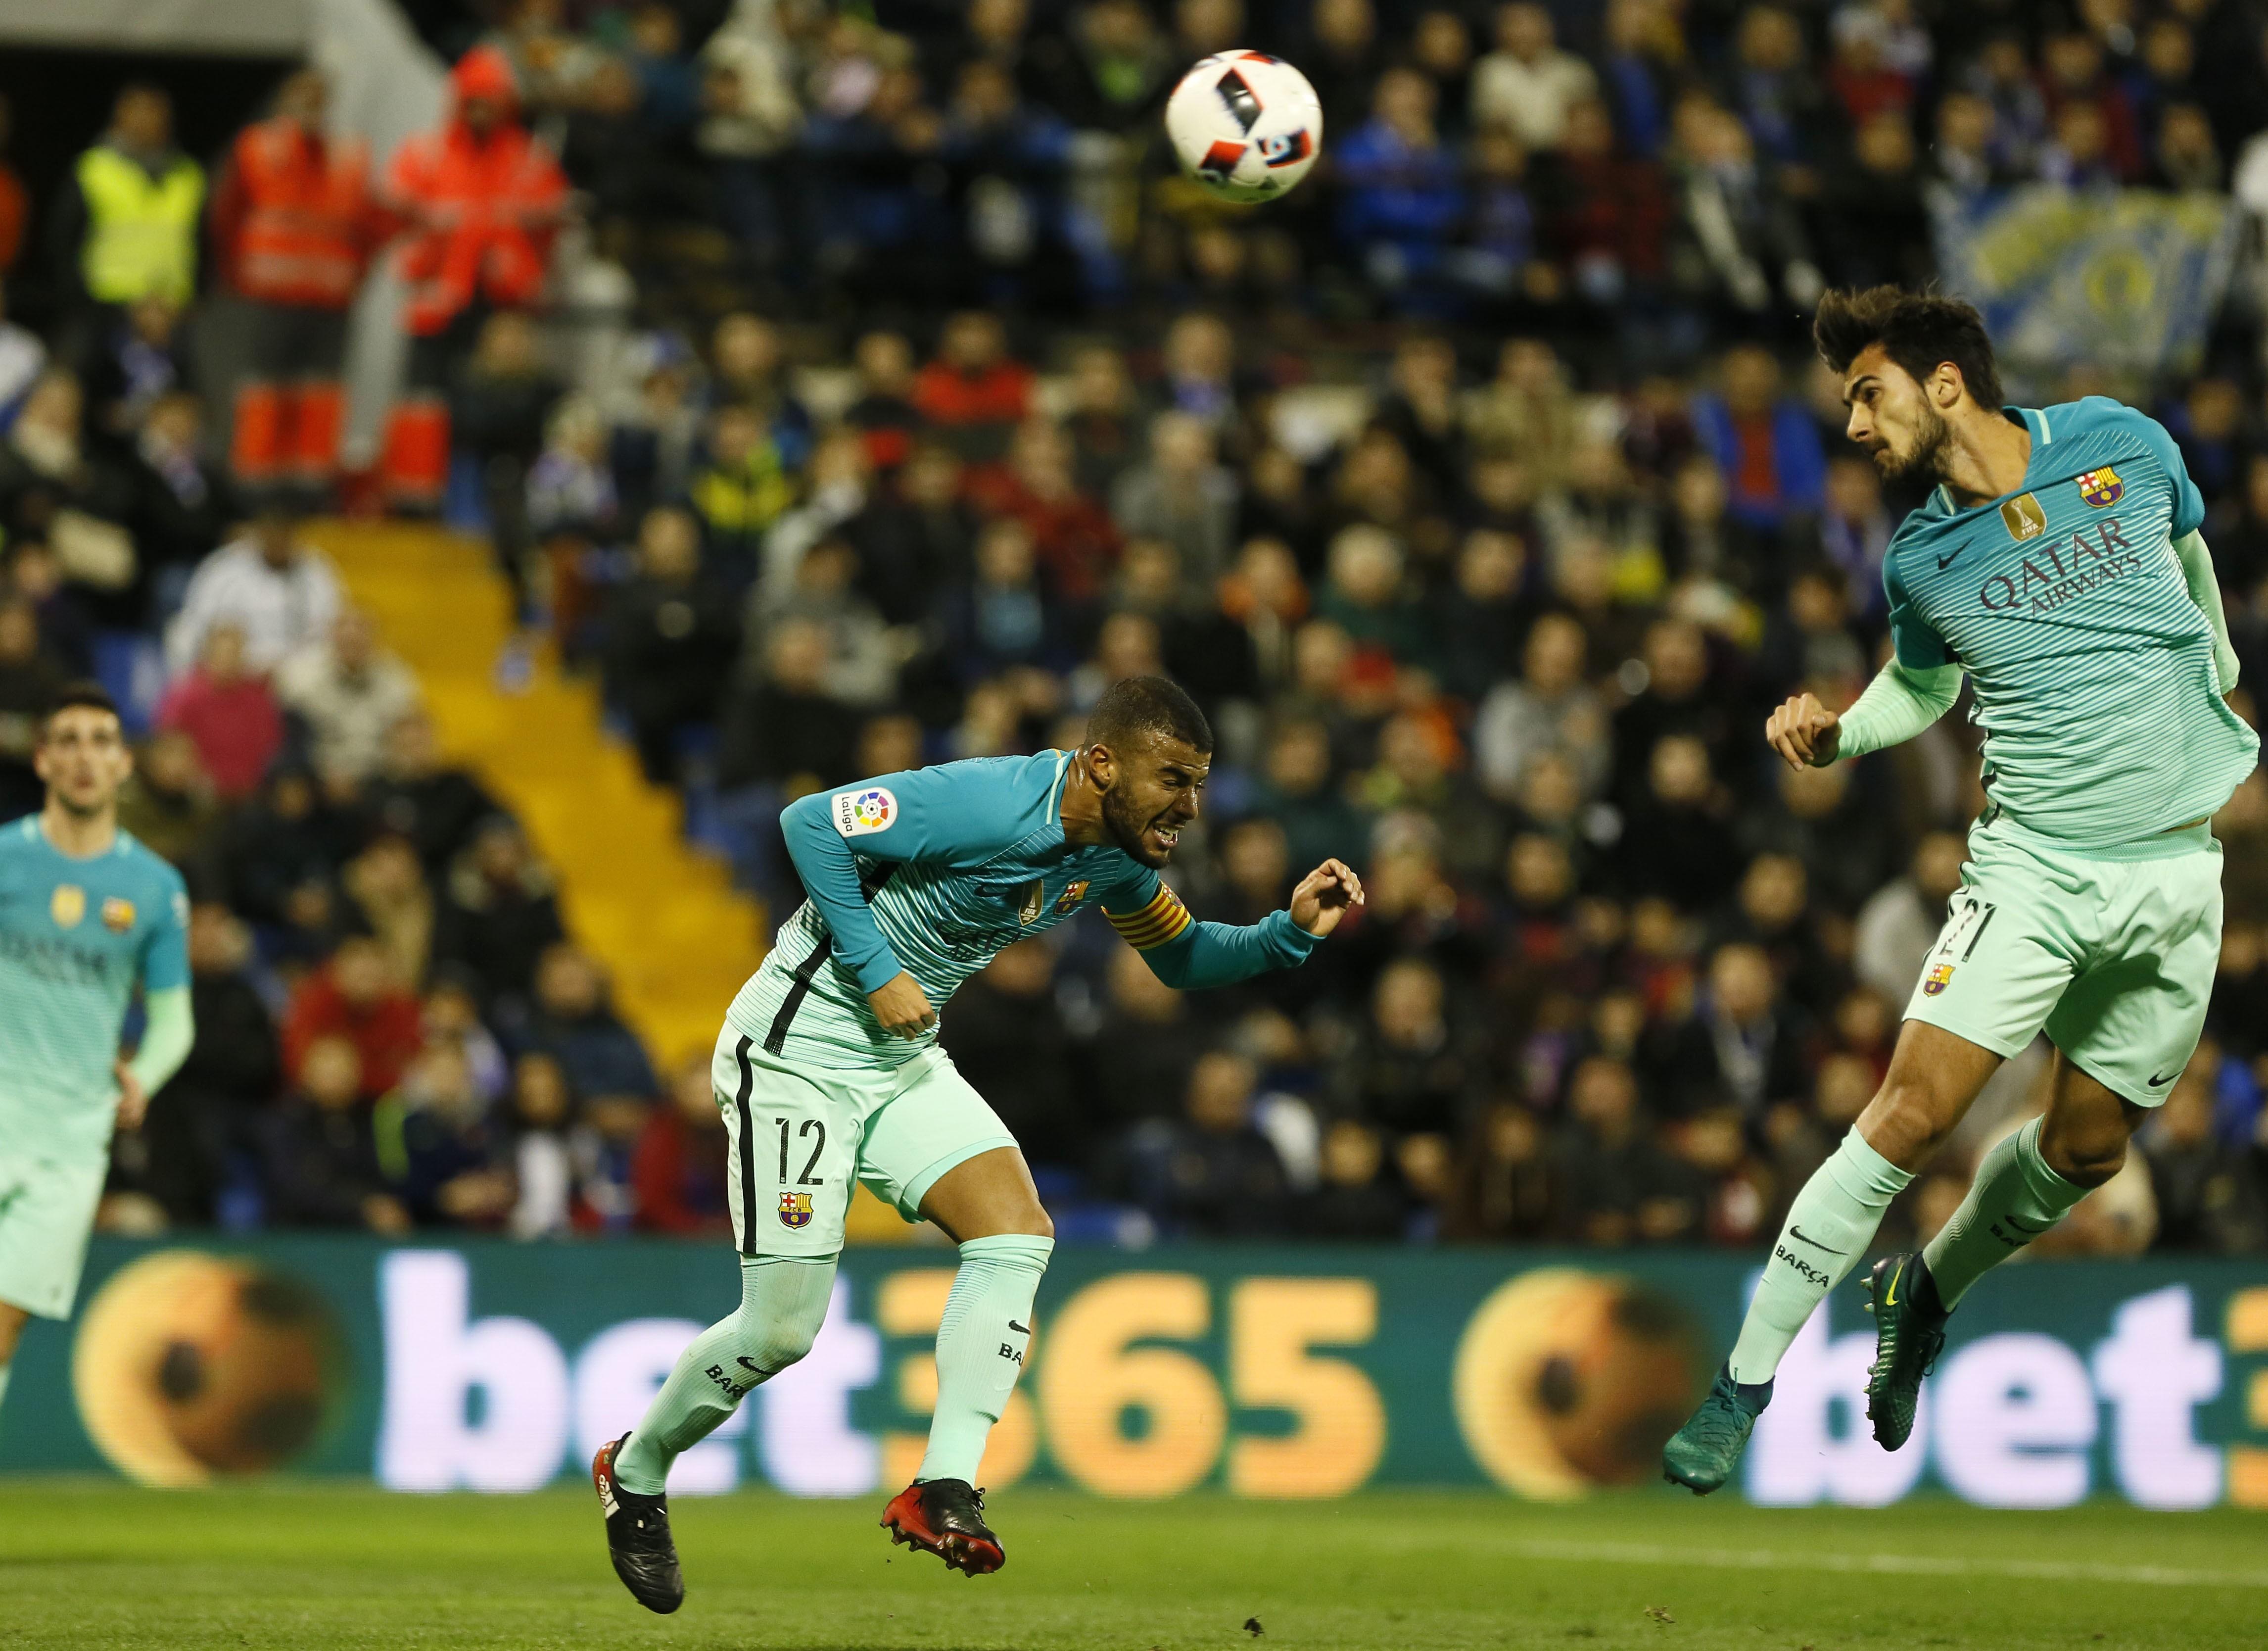 Andre Gomes et Rafinha lors de Alicante - FC Barcelone en Coupe du roi le 11 novembre 2016